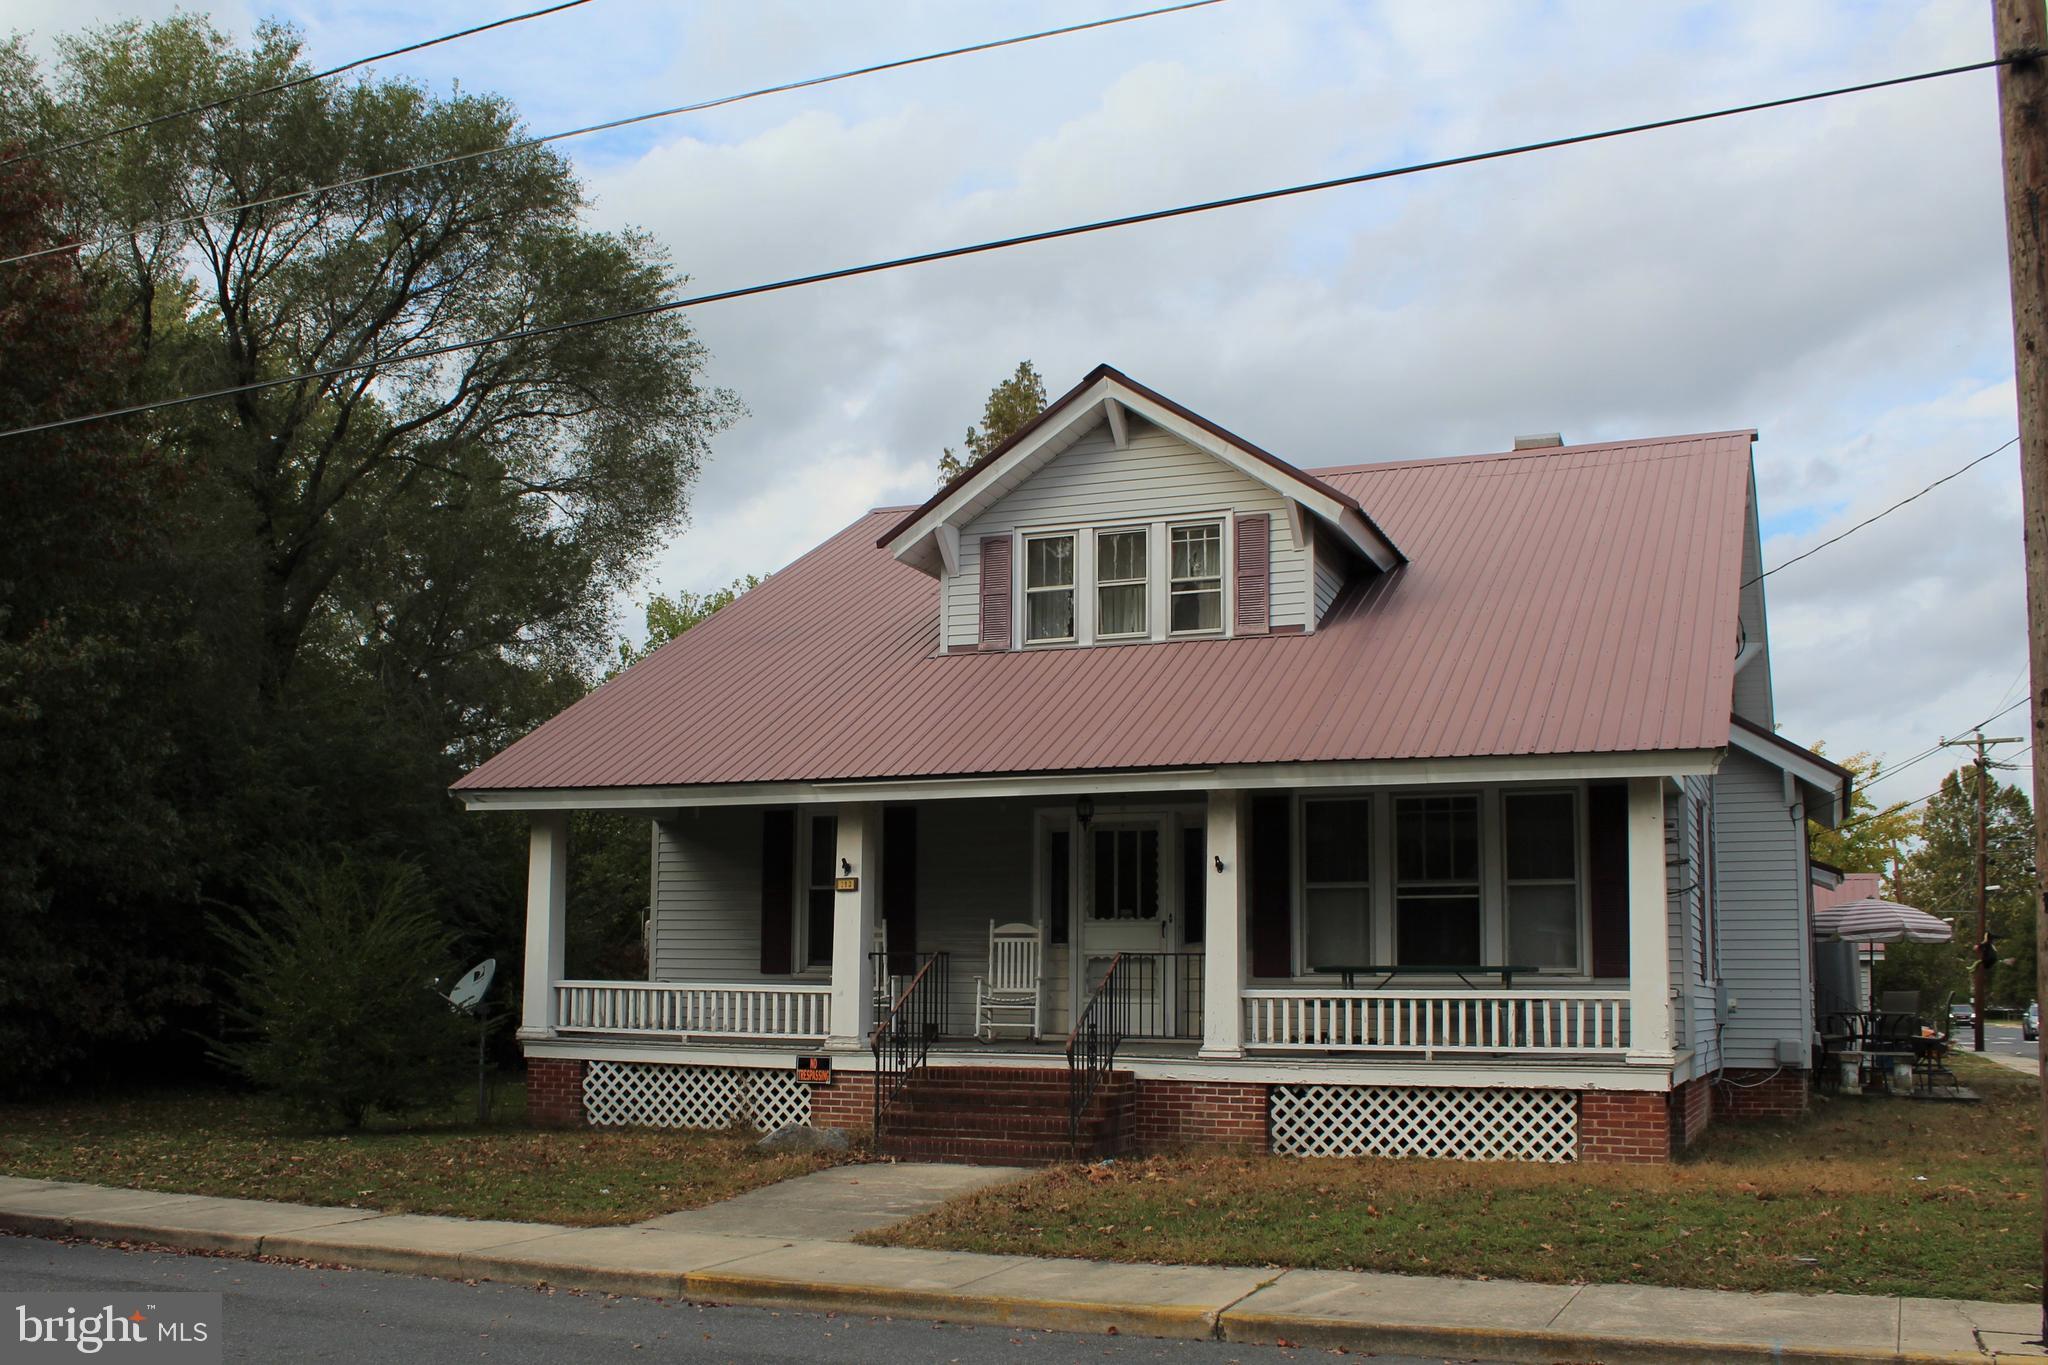 713 E Grove Street, Delmar, DE 19940